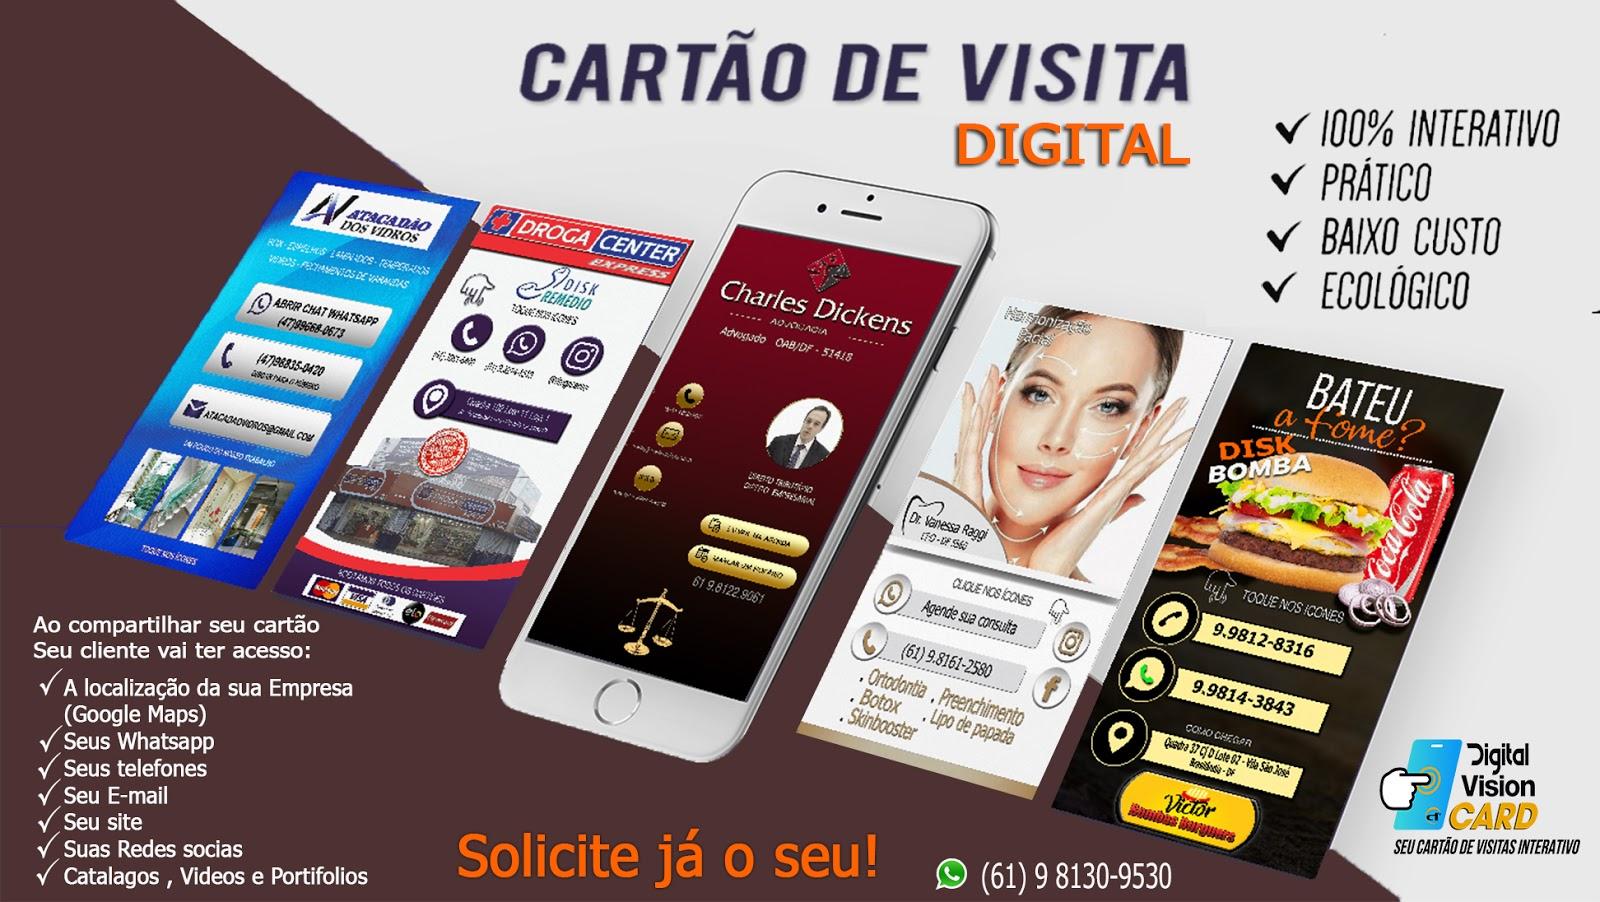 Digital Vision Como Fazer Um Cartão De Visita Virtual